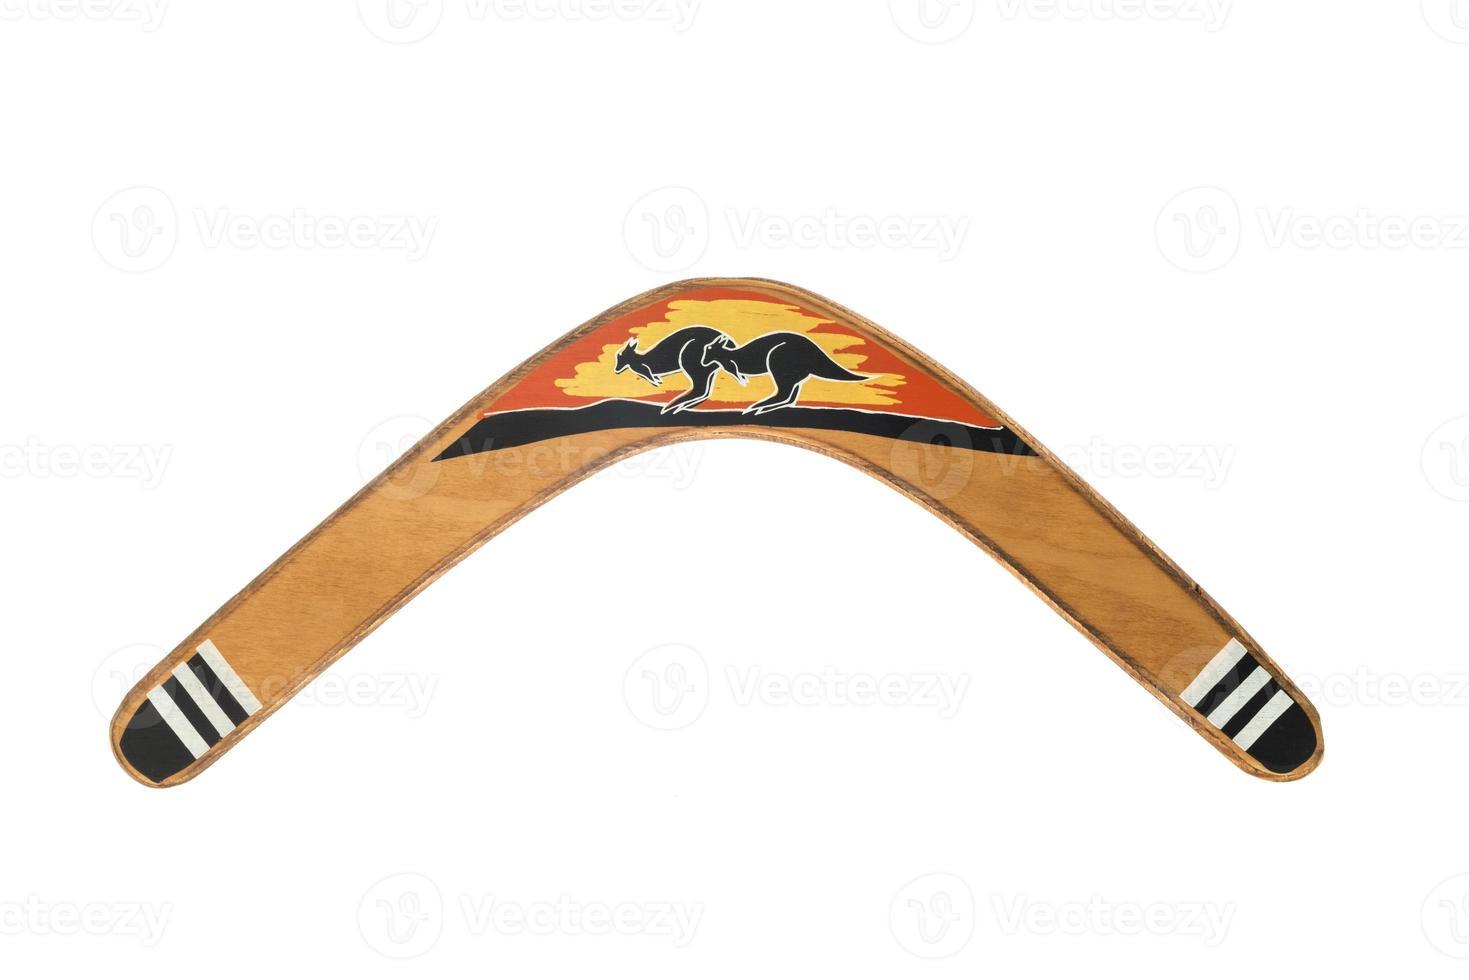 australisk boomerang isolerad på vitt foto